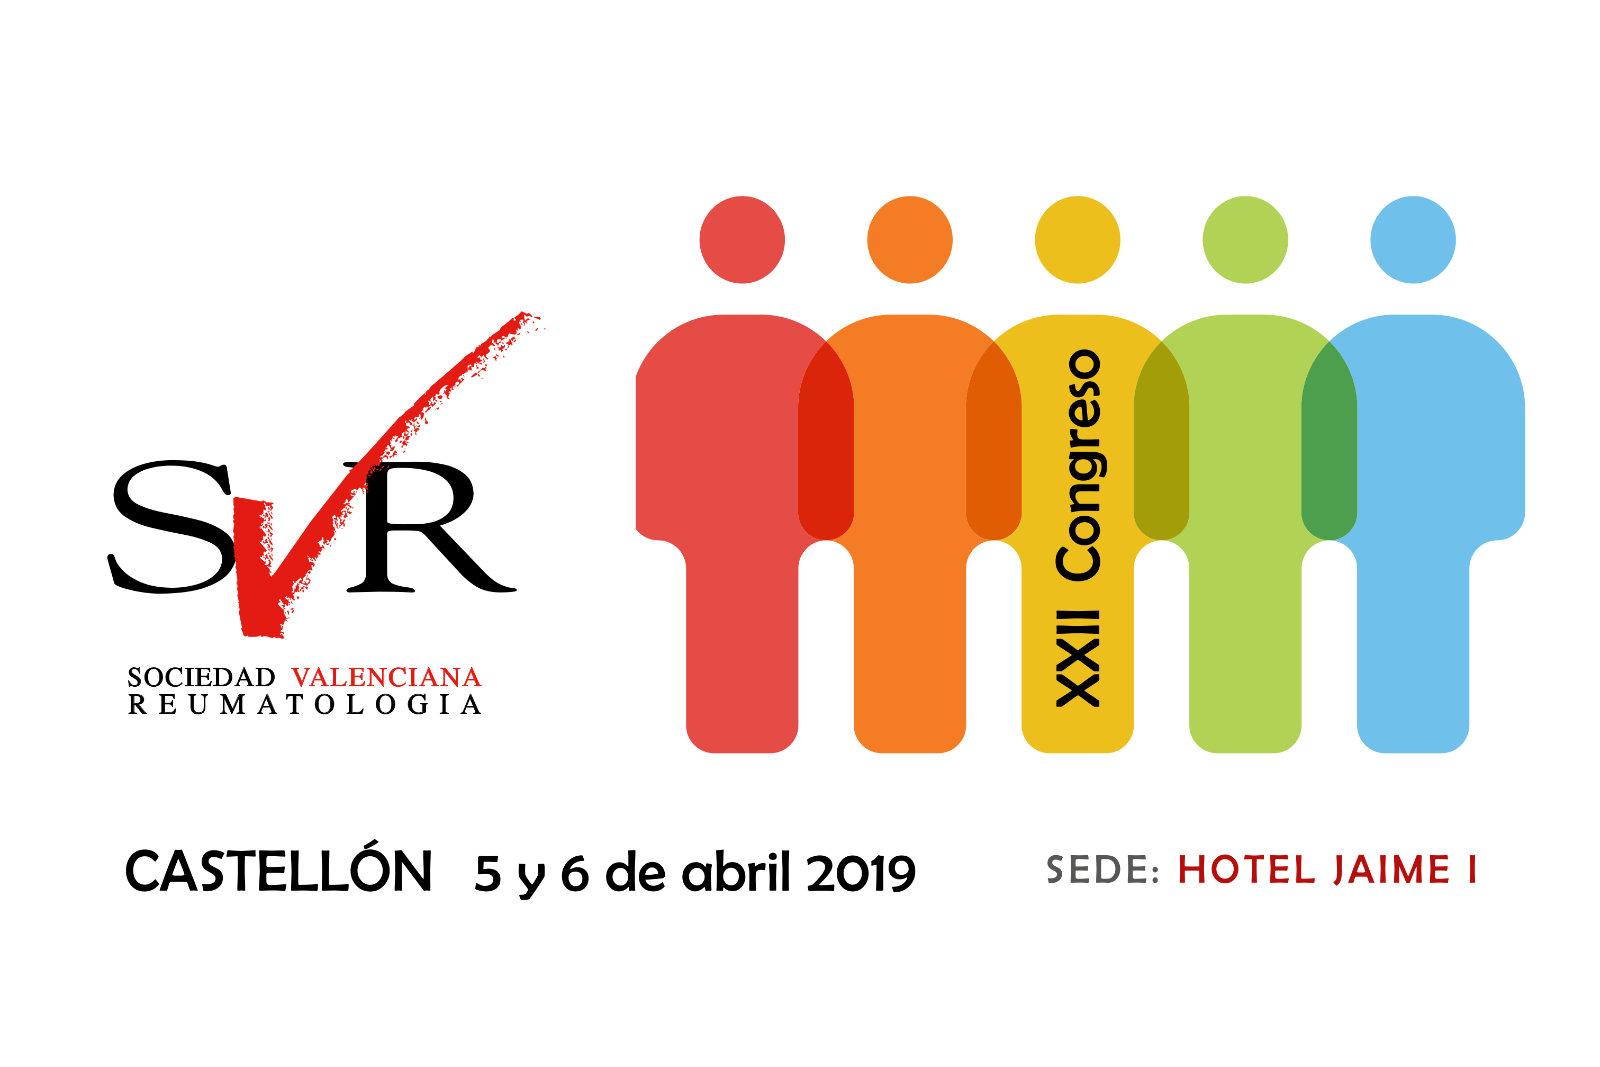 2019 – XXII Congreso de la Sociedad Valenciana de Reumatología